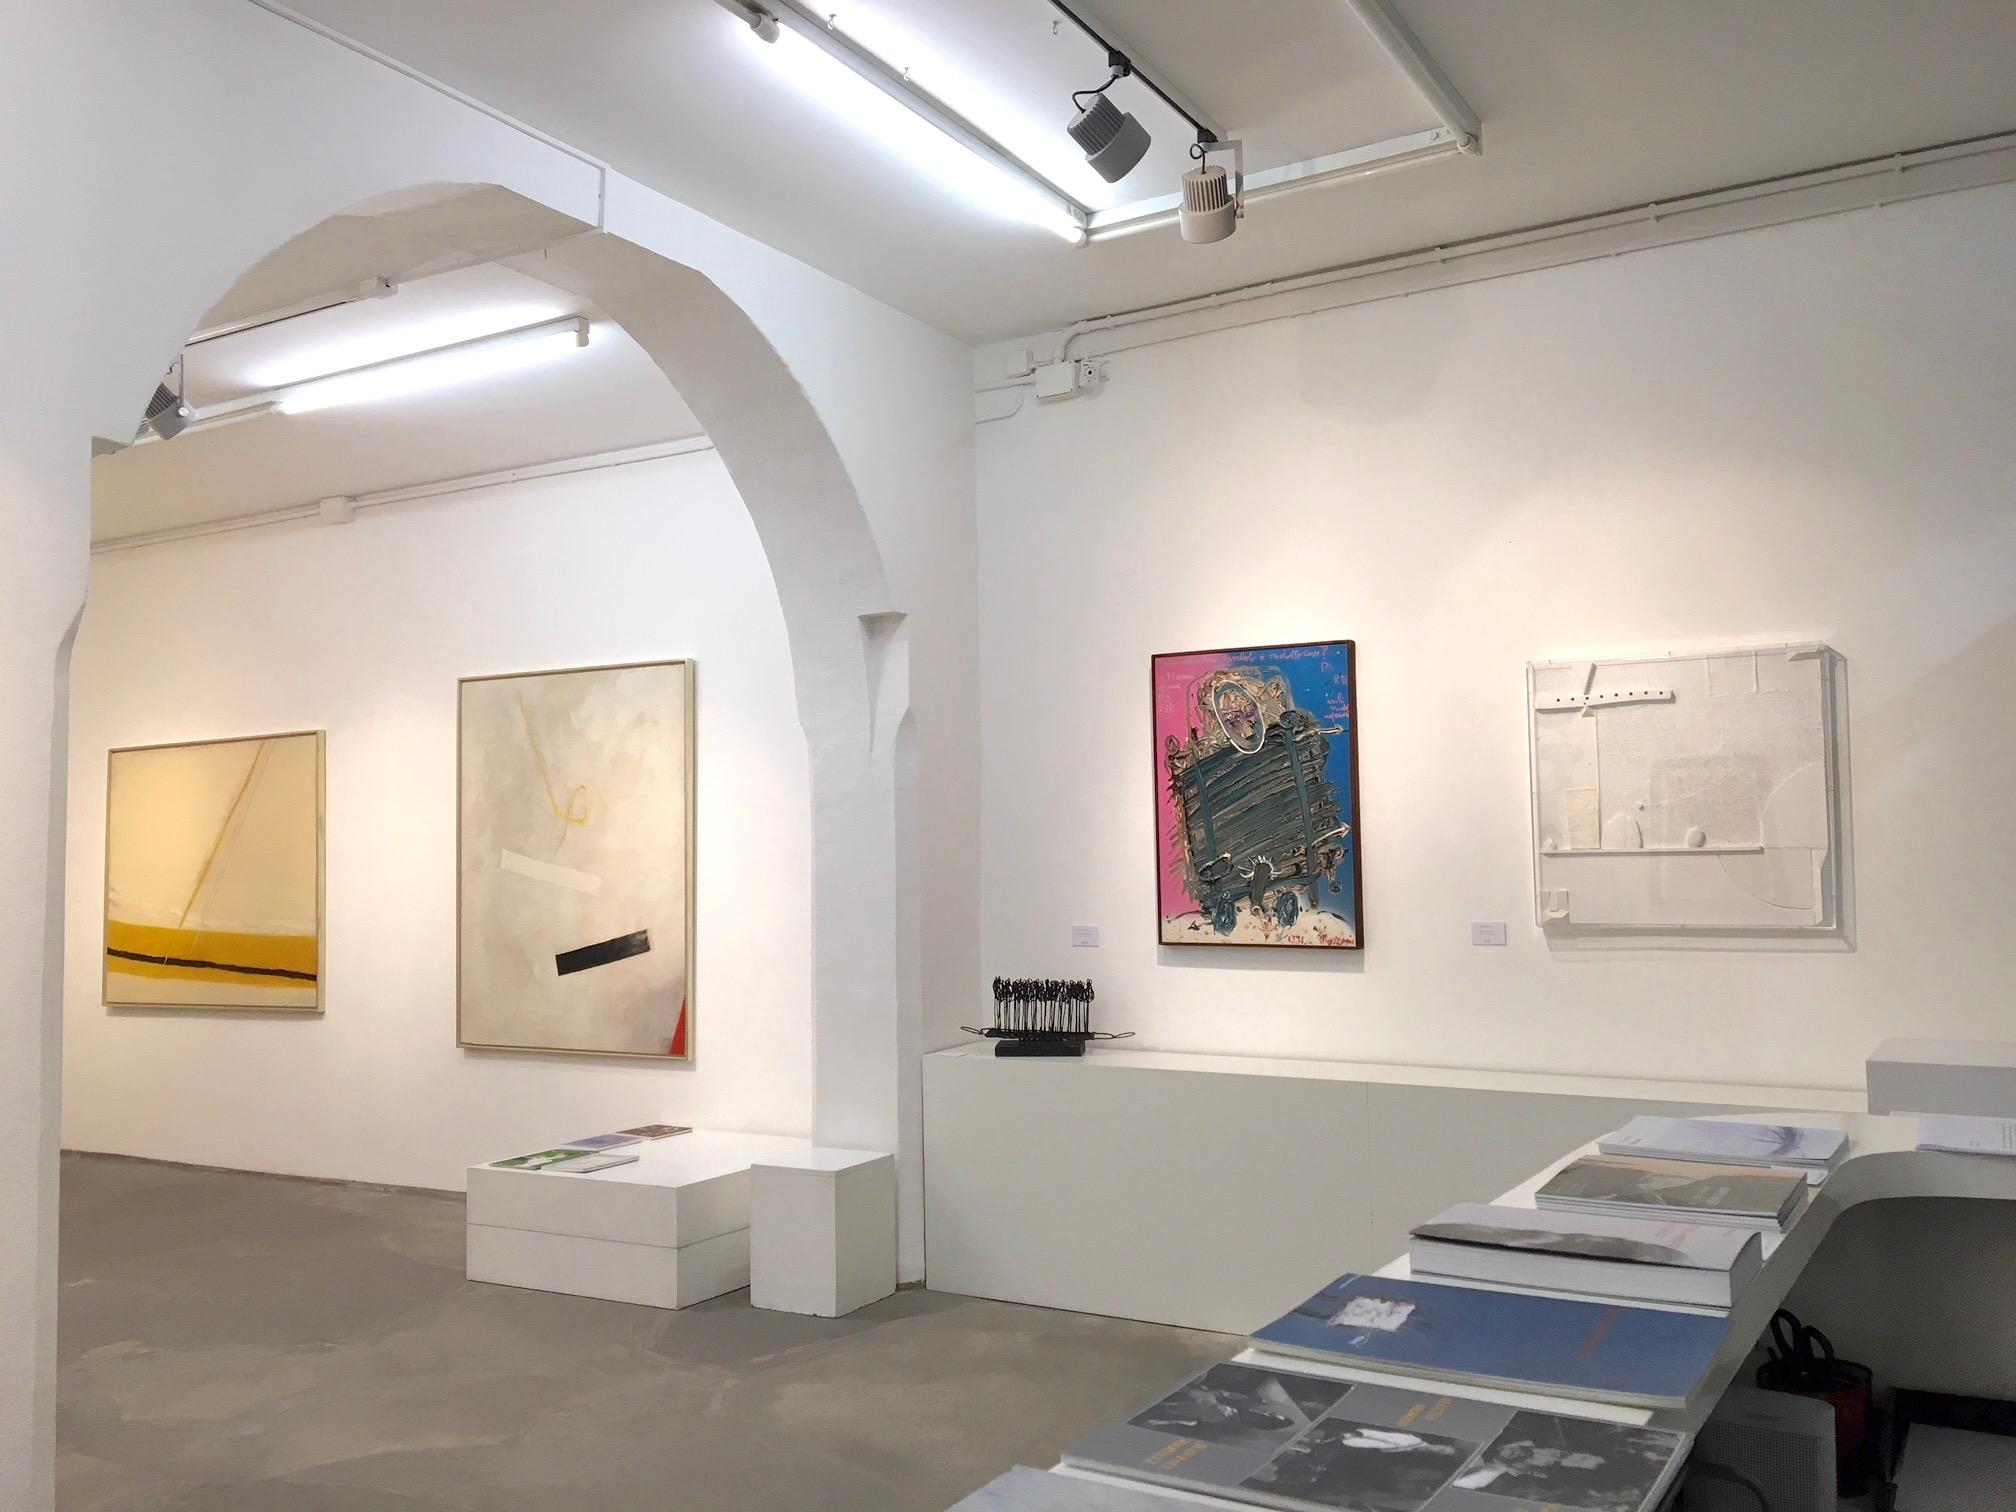 da sin. Valentino Vago,Mattia Moreni,Armando Marrocco, (particolare dell?allestimento)Galleria Antonio Battaglia